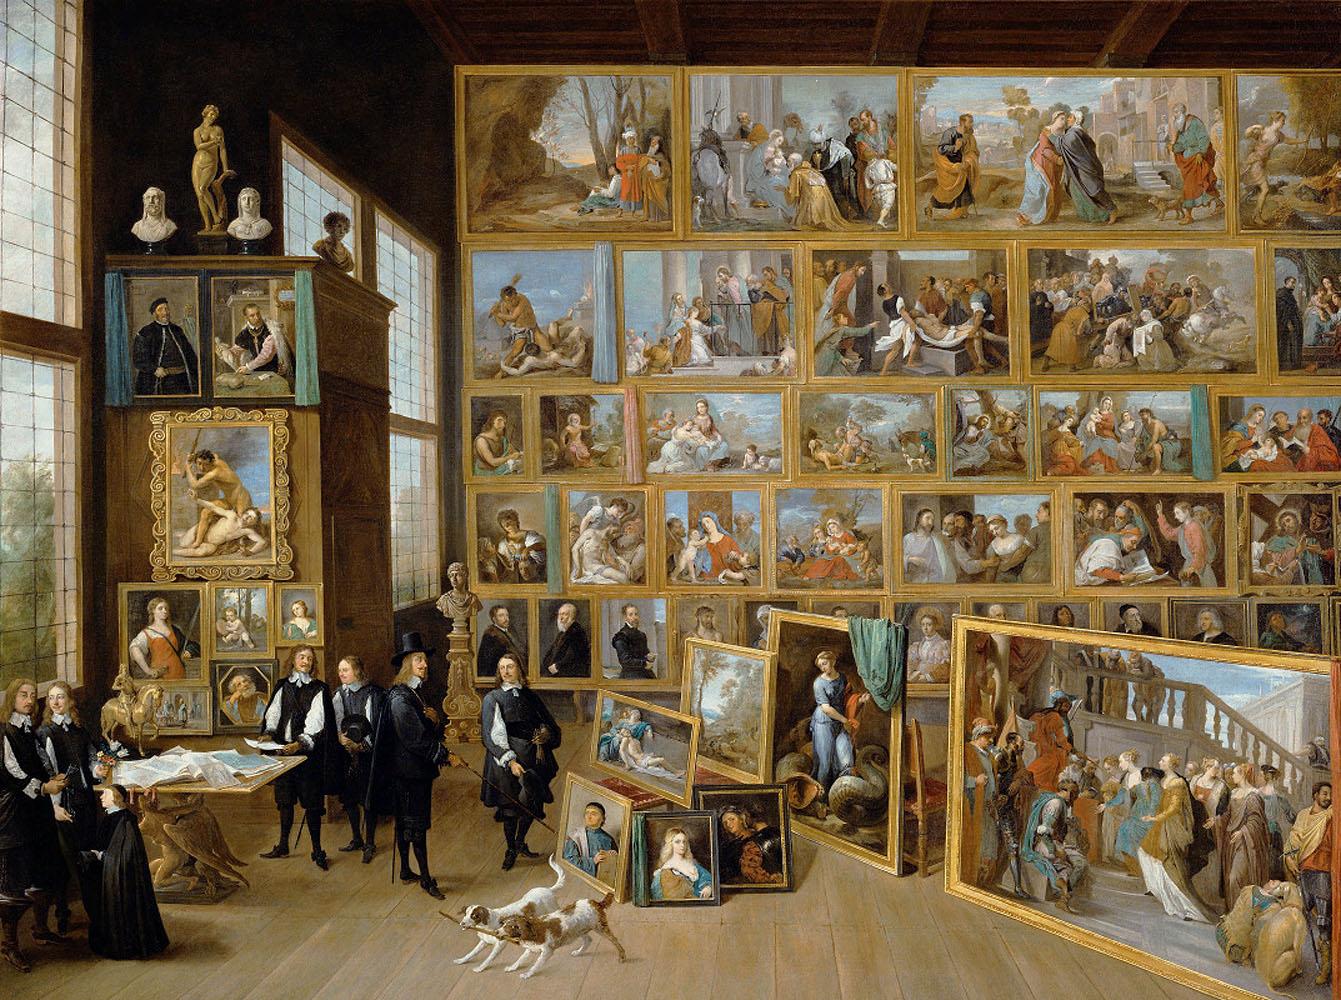 Конференция «Из истории собирательства: меценаты, коллекционеры, основатели музеев»